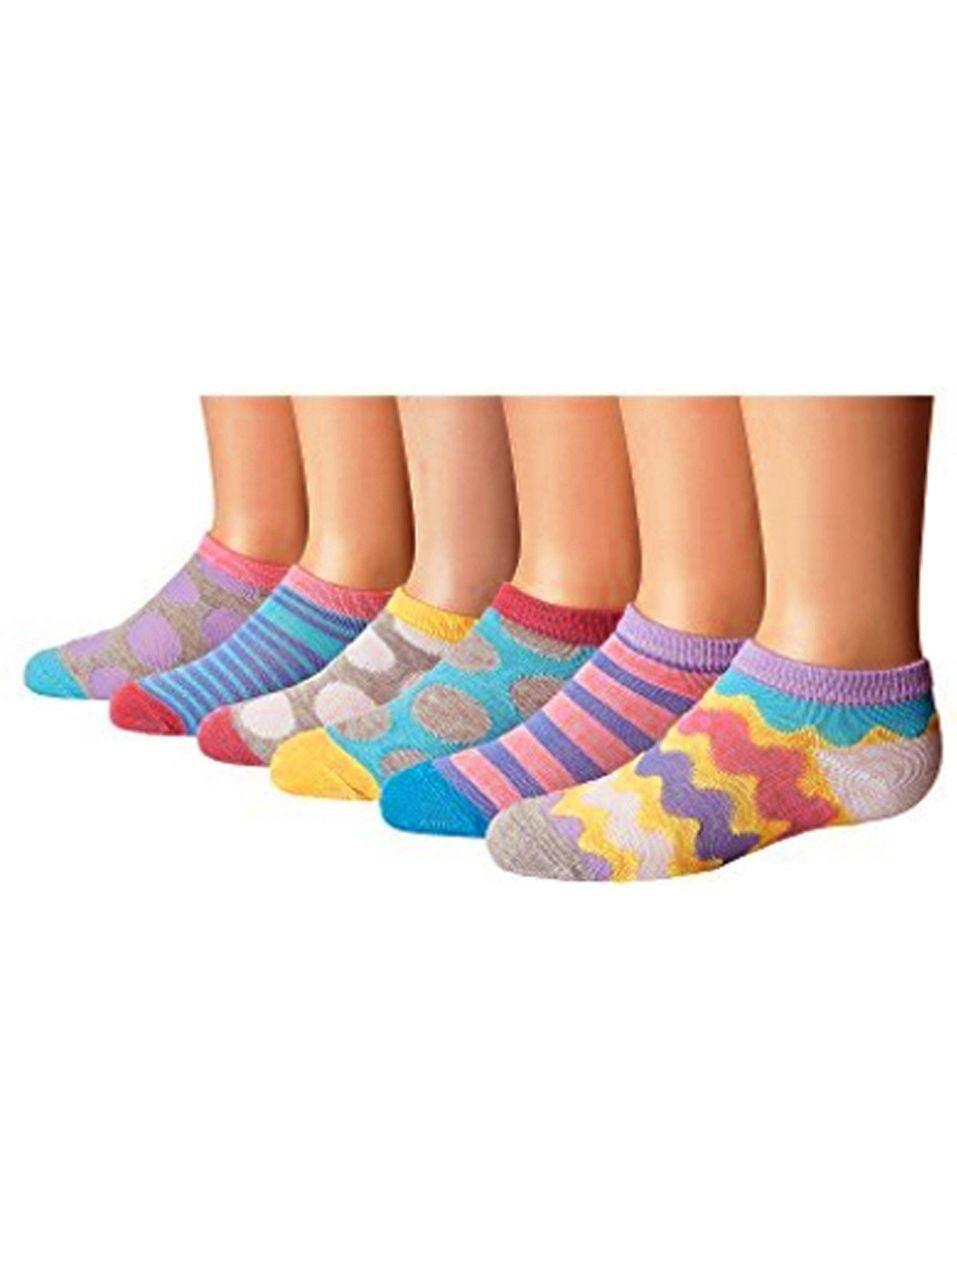 Jefferies Socks Little Girls Multi Stripe Dot 6 Pair Socks Pack